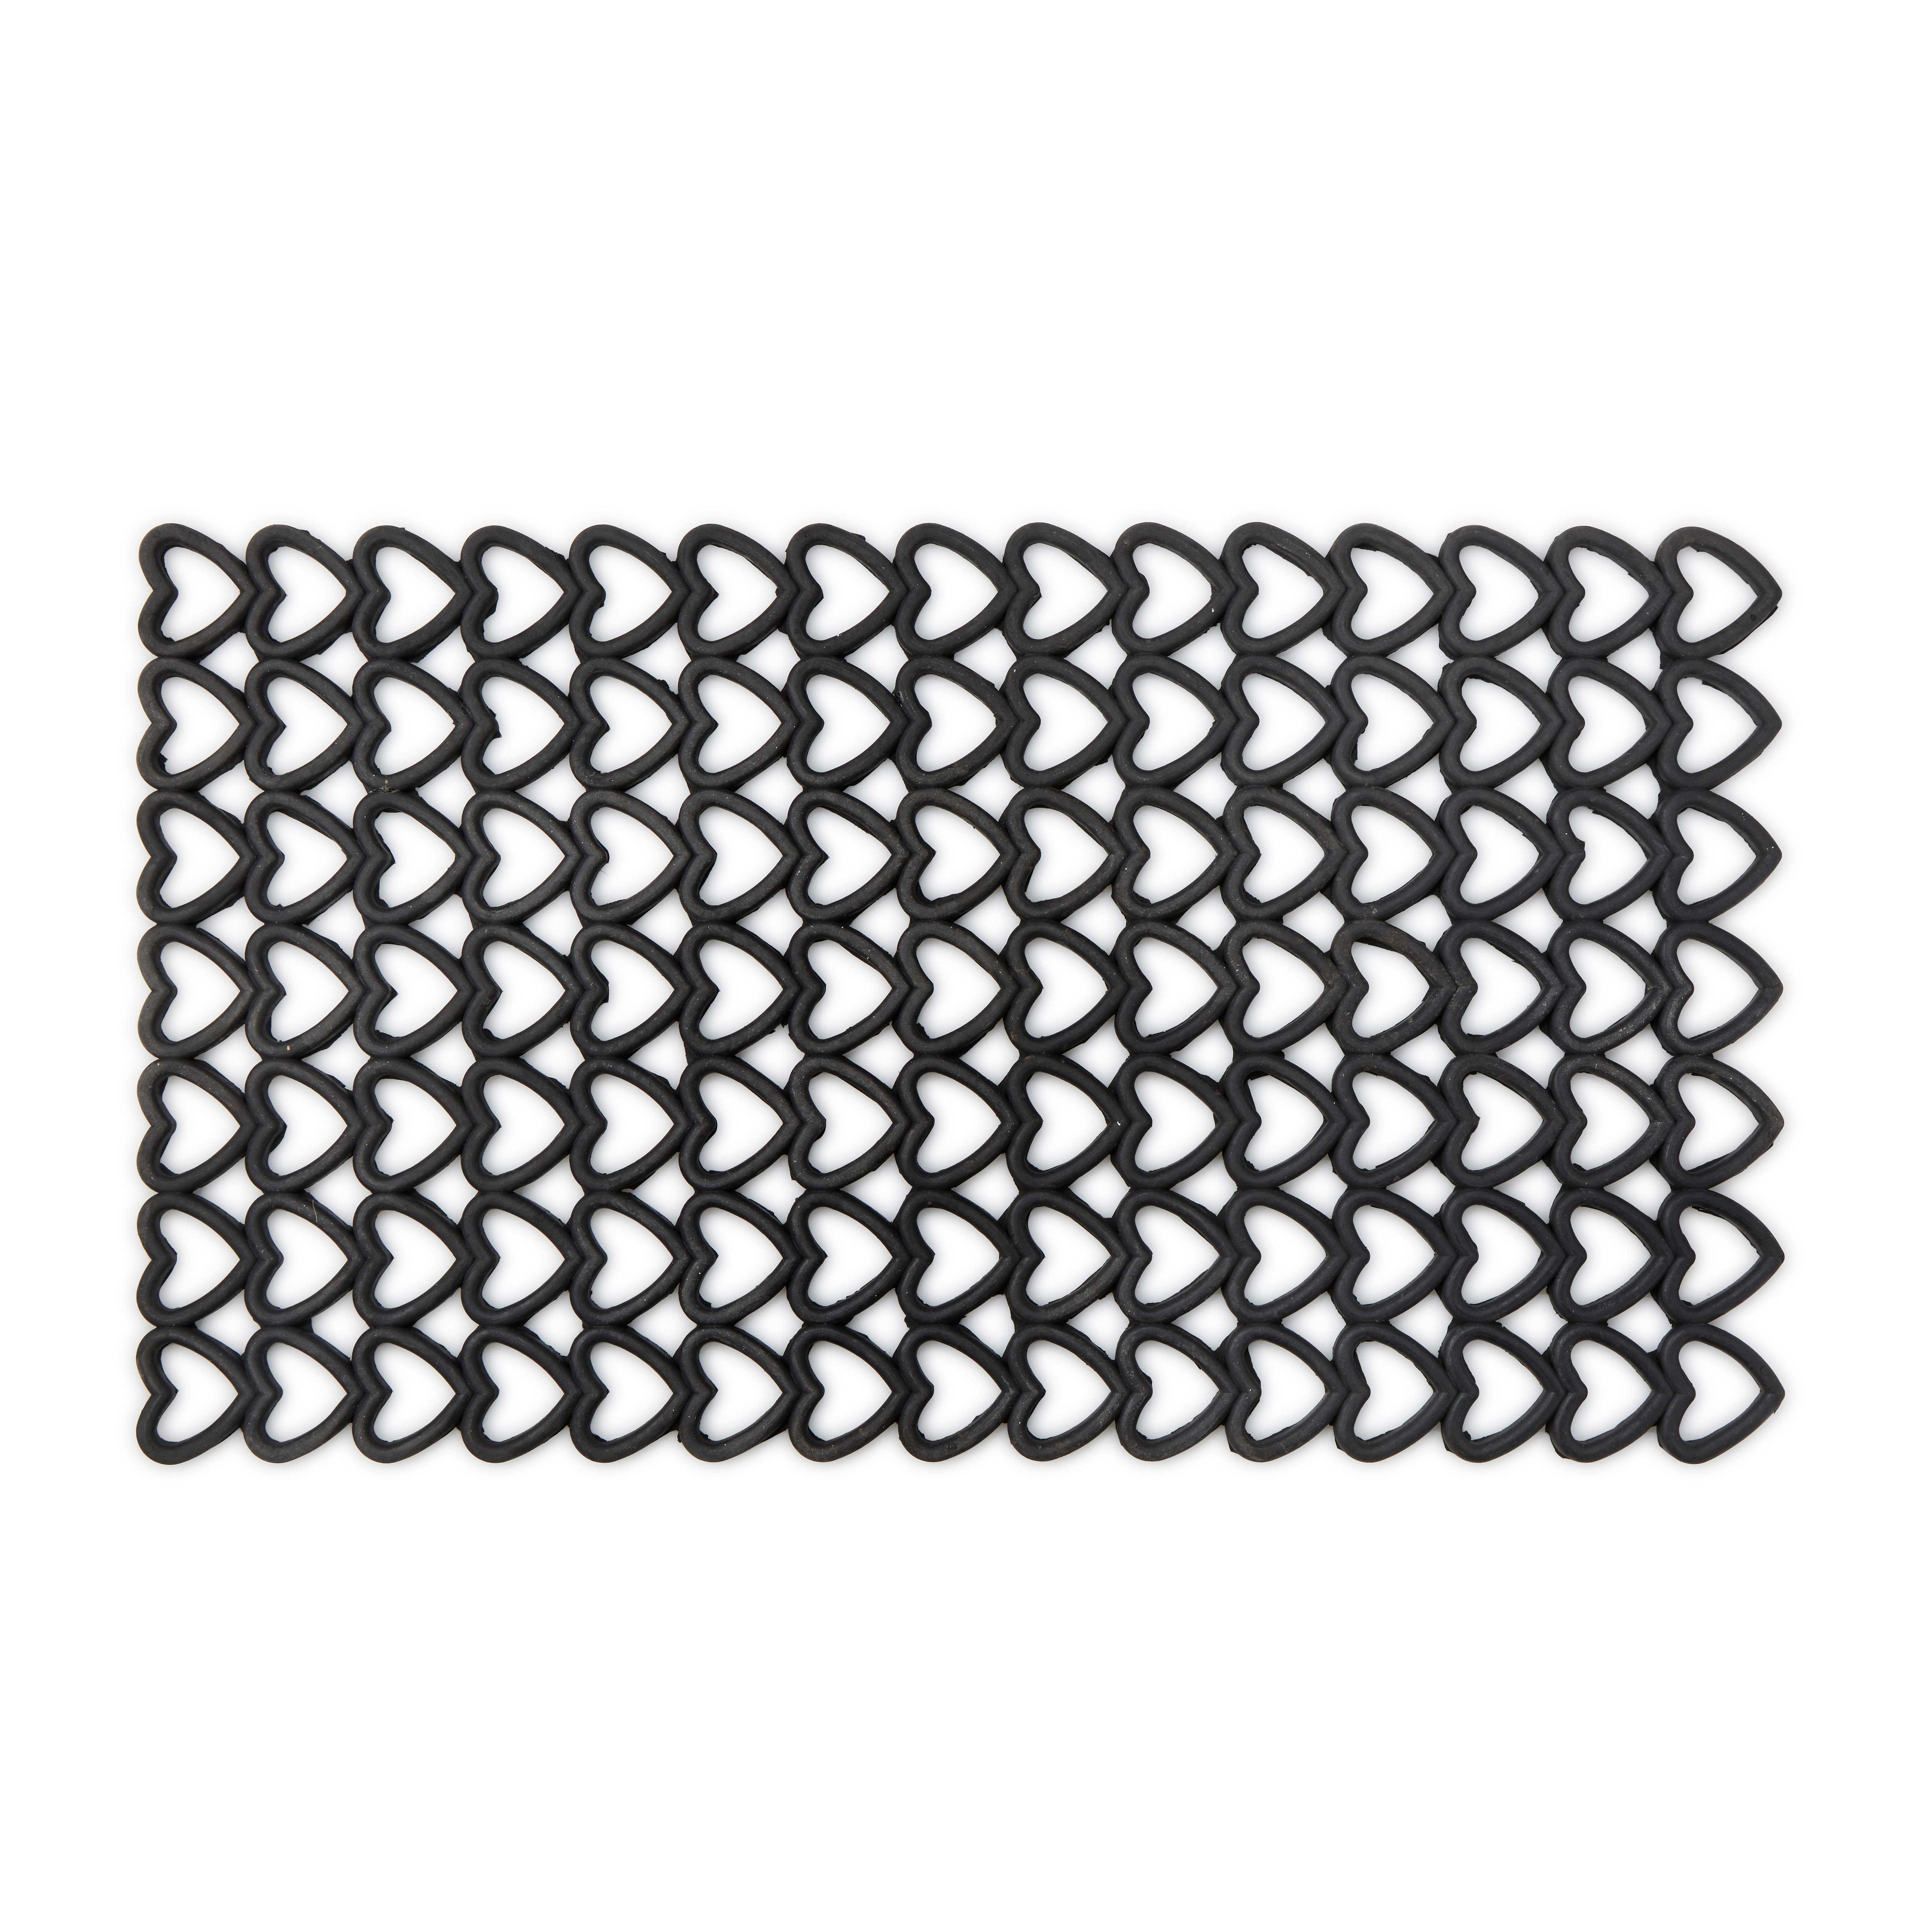 dr rubber thick durascraper cal industrial amazon dp x com mat commercial black scientific drainage door